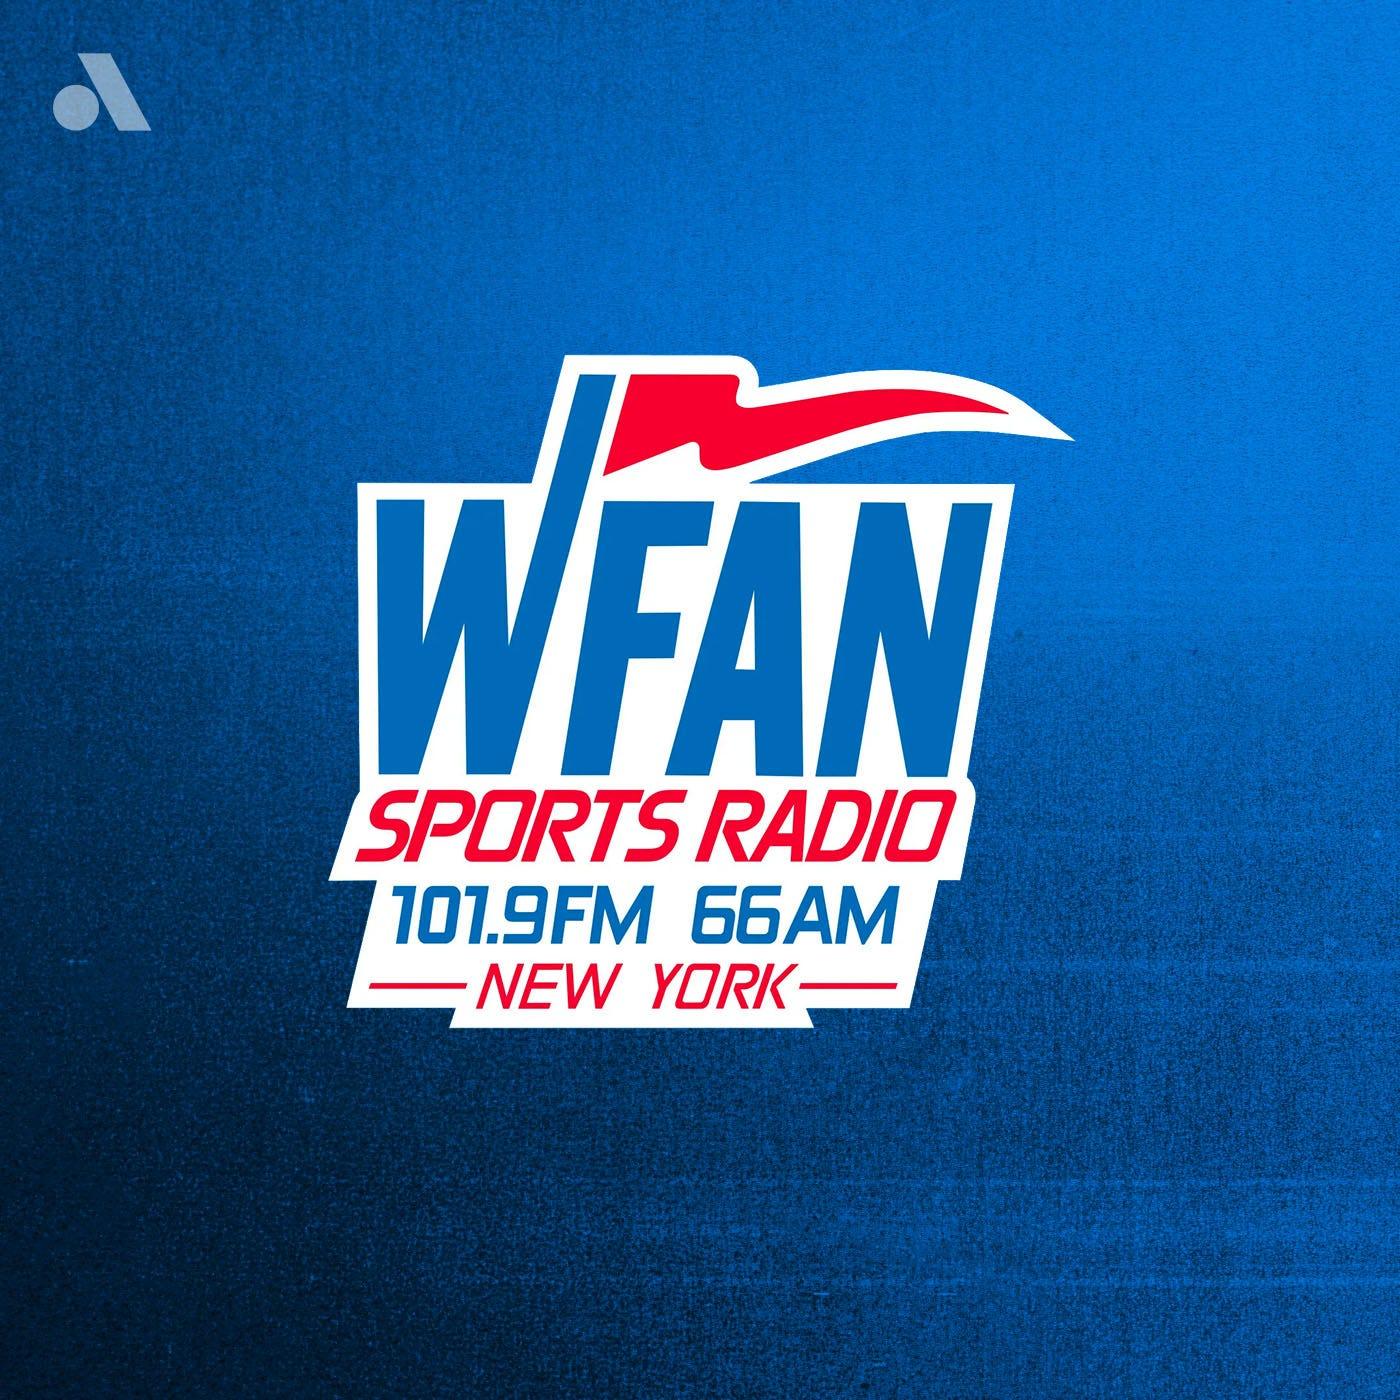 WFAN Sports Radio 66AM & 101.9 FM New York